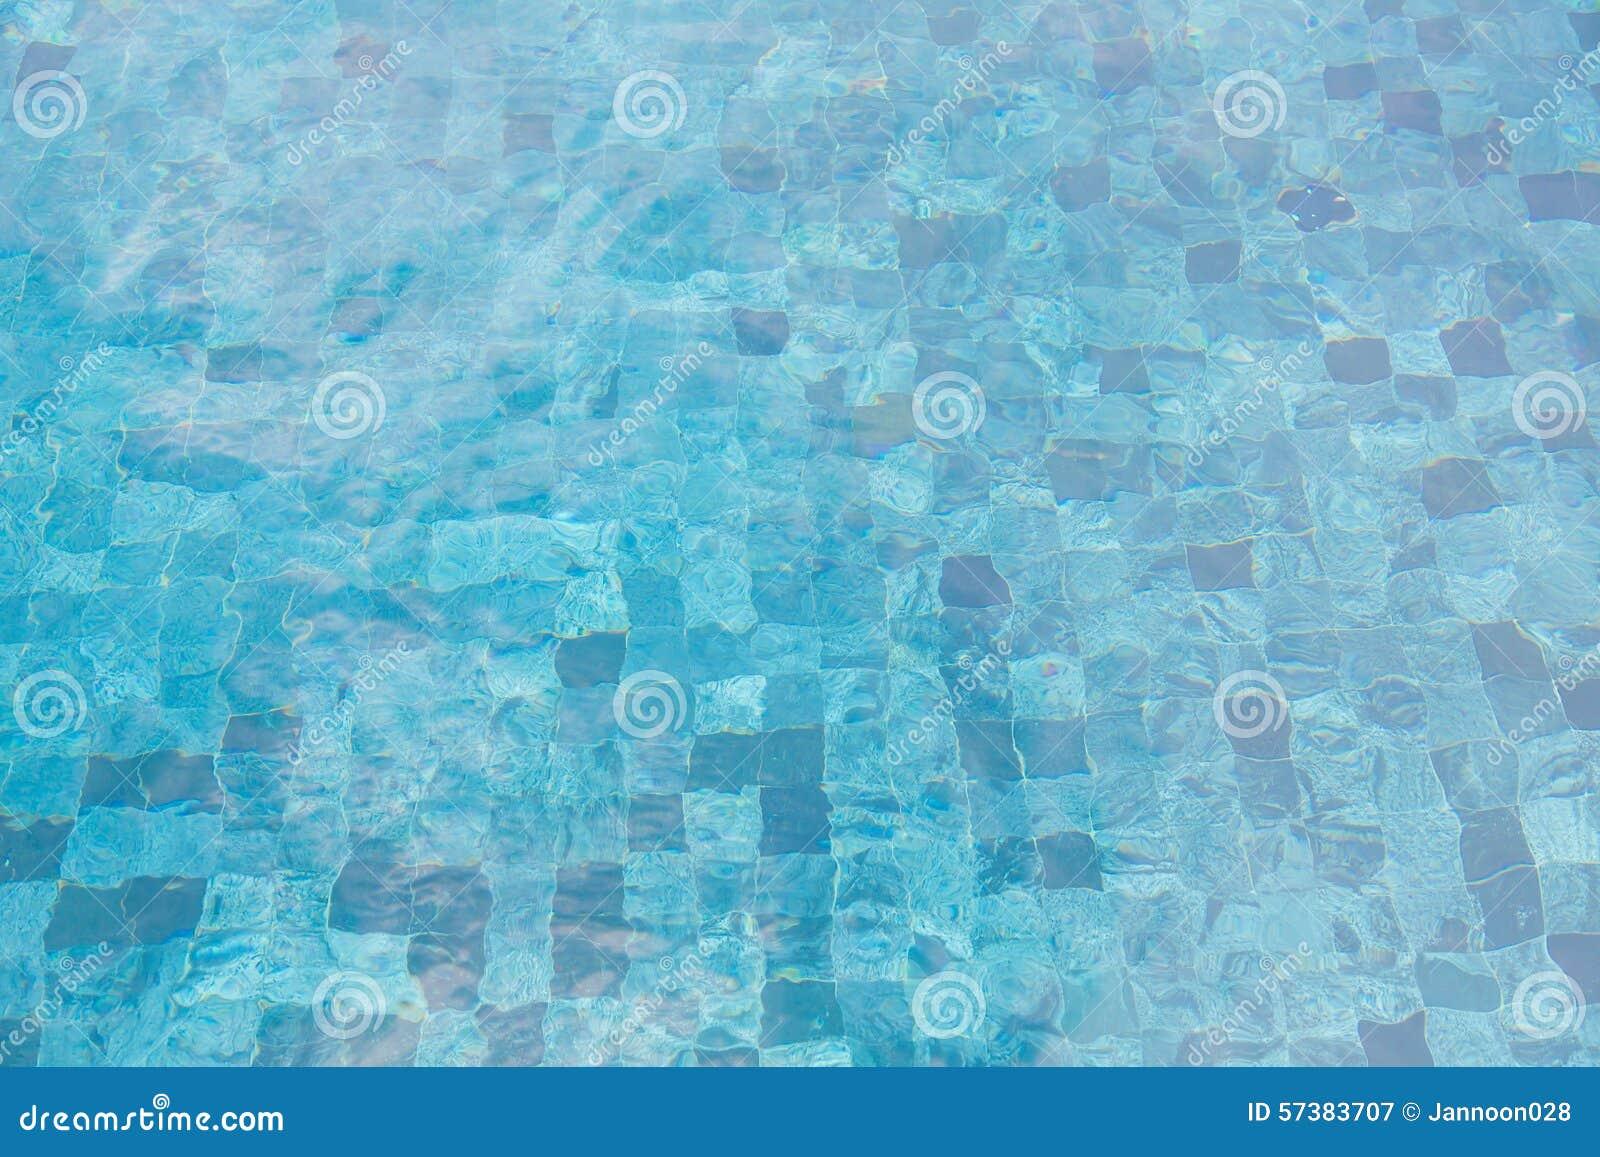 Zwembad gegolft water